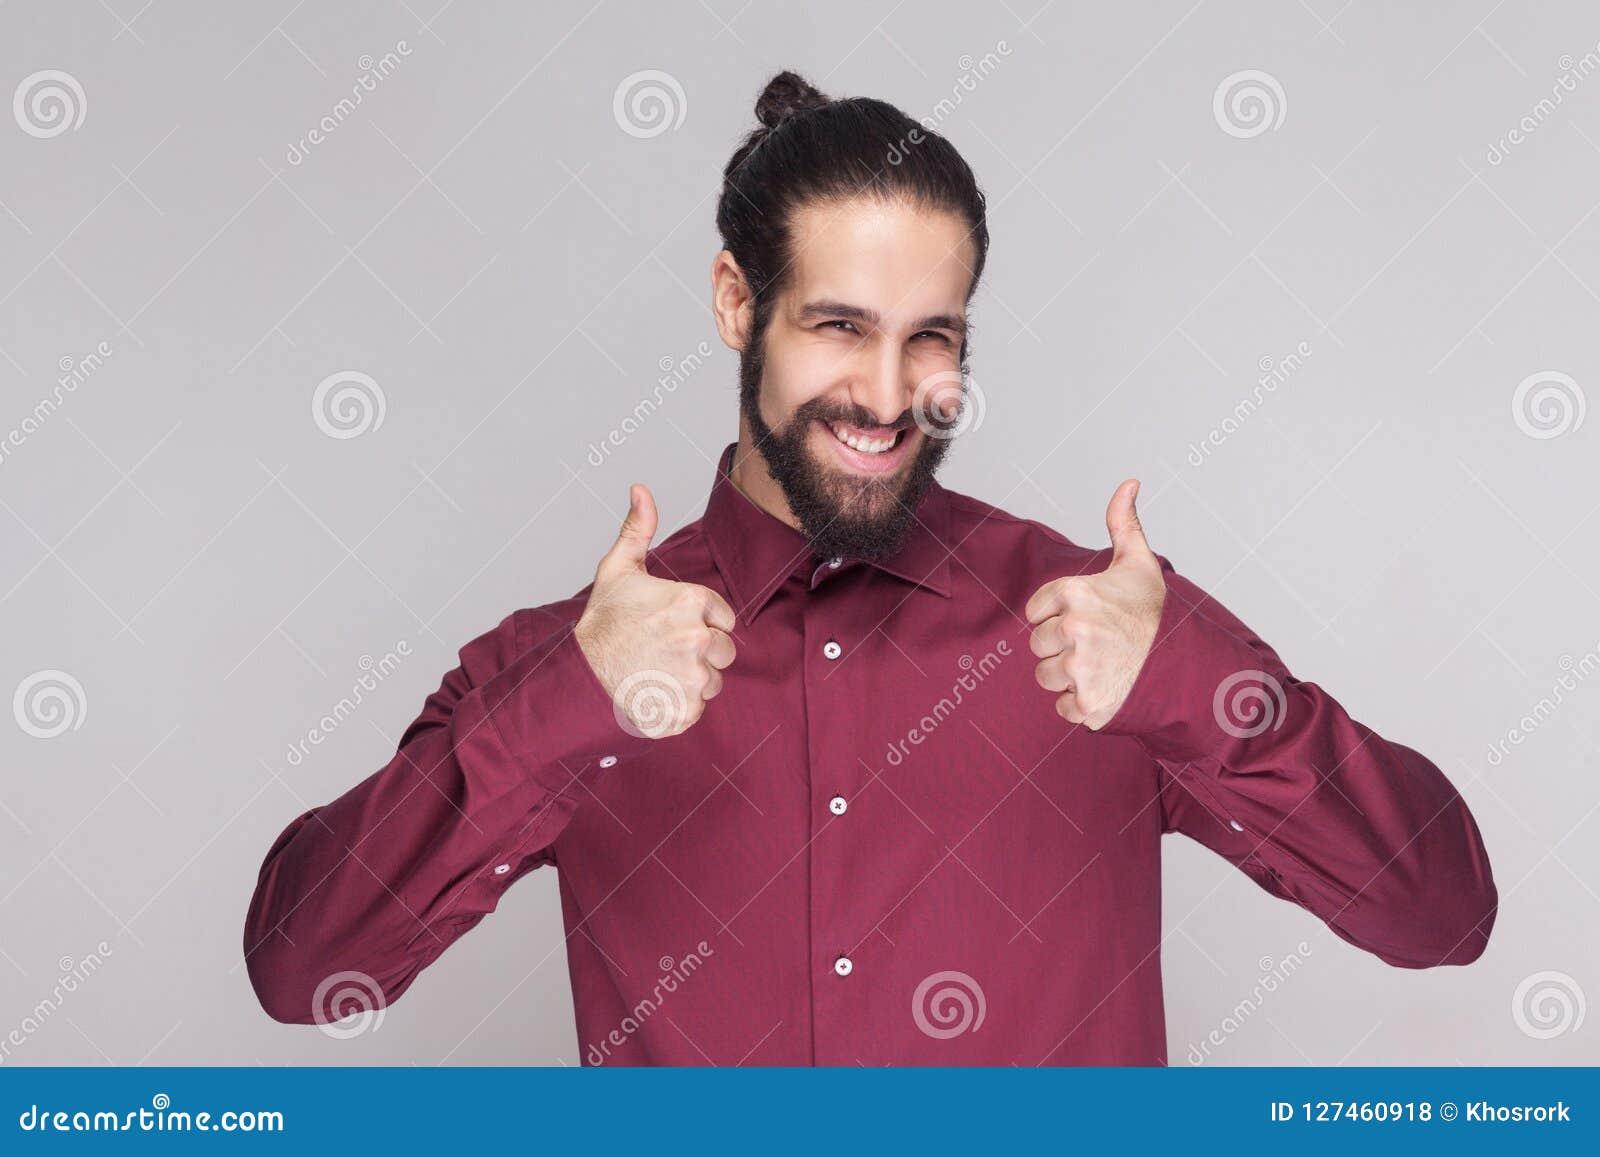 Portret van de knappe mens met donkere verzamelde lange haar en baard